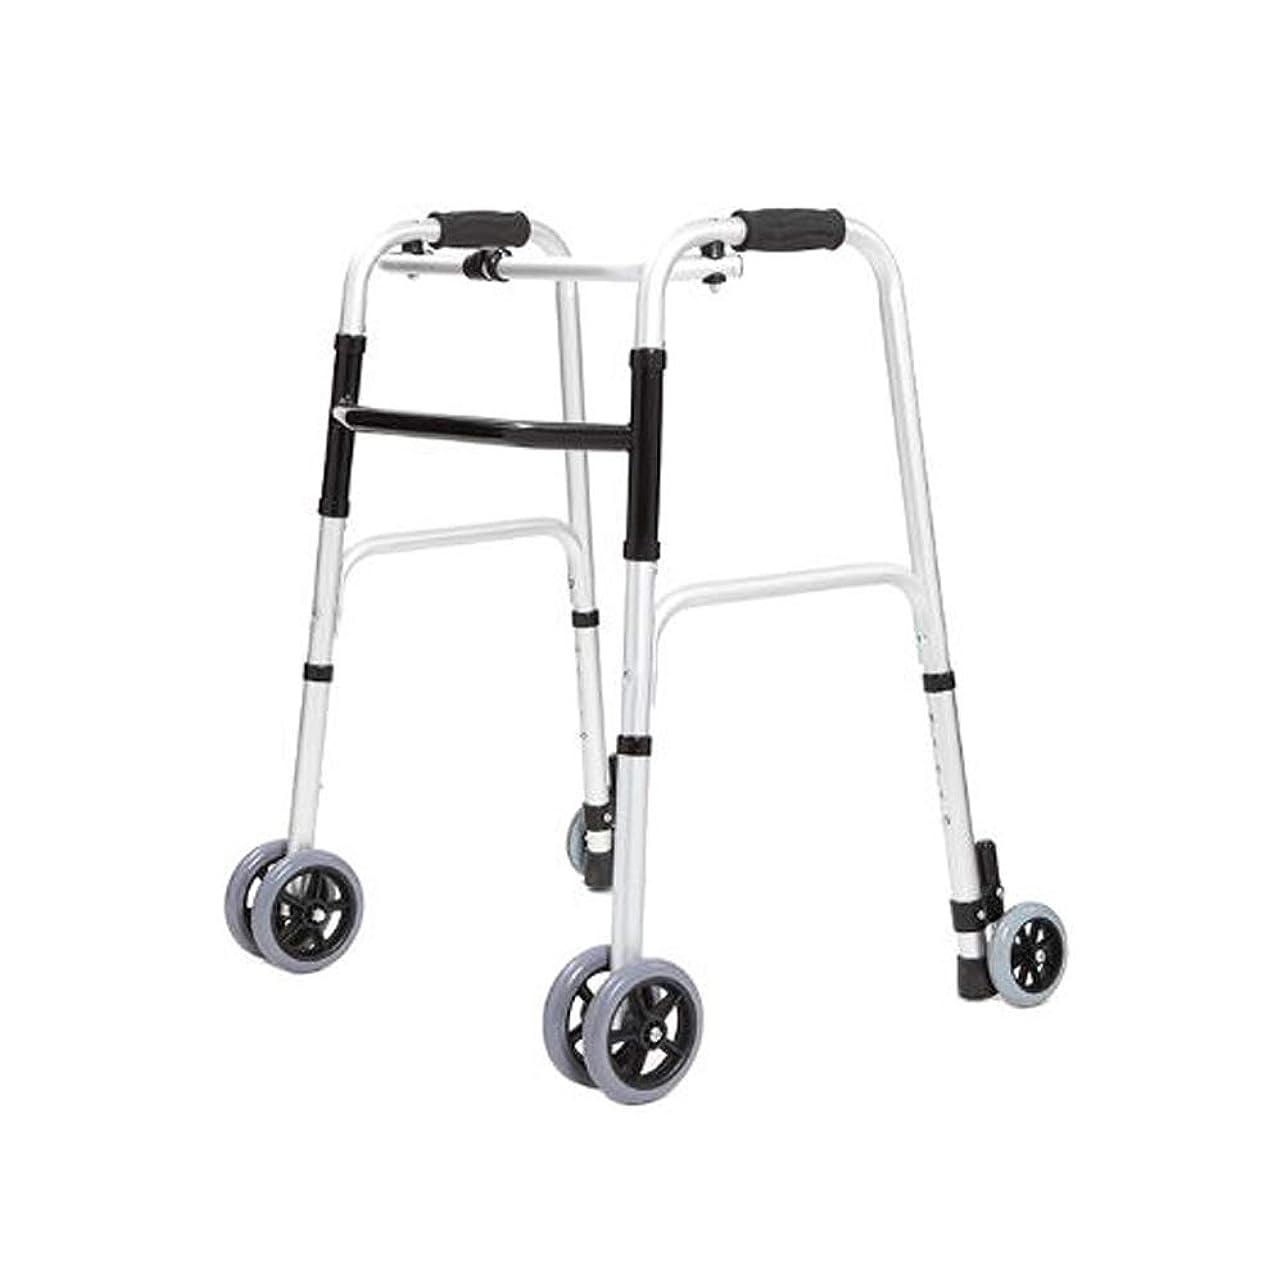 熟達ディスコ軸[ラオンアチ] 大人のための歩行器 折りたたみ 車輪型歩行器 6輪歩行車 5段の高さ調節可能 [日本語説明書付き] [海外直送品]